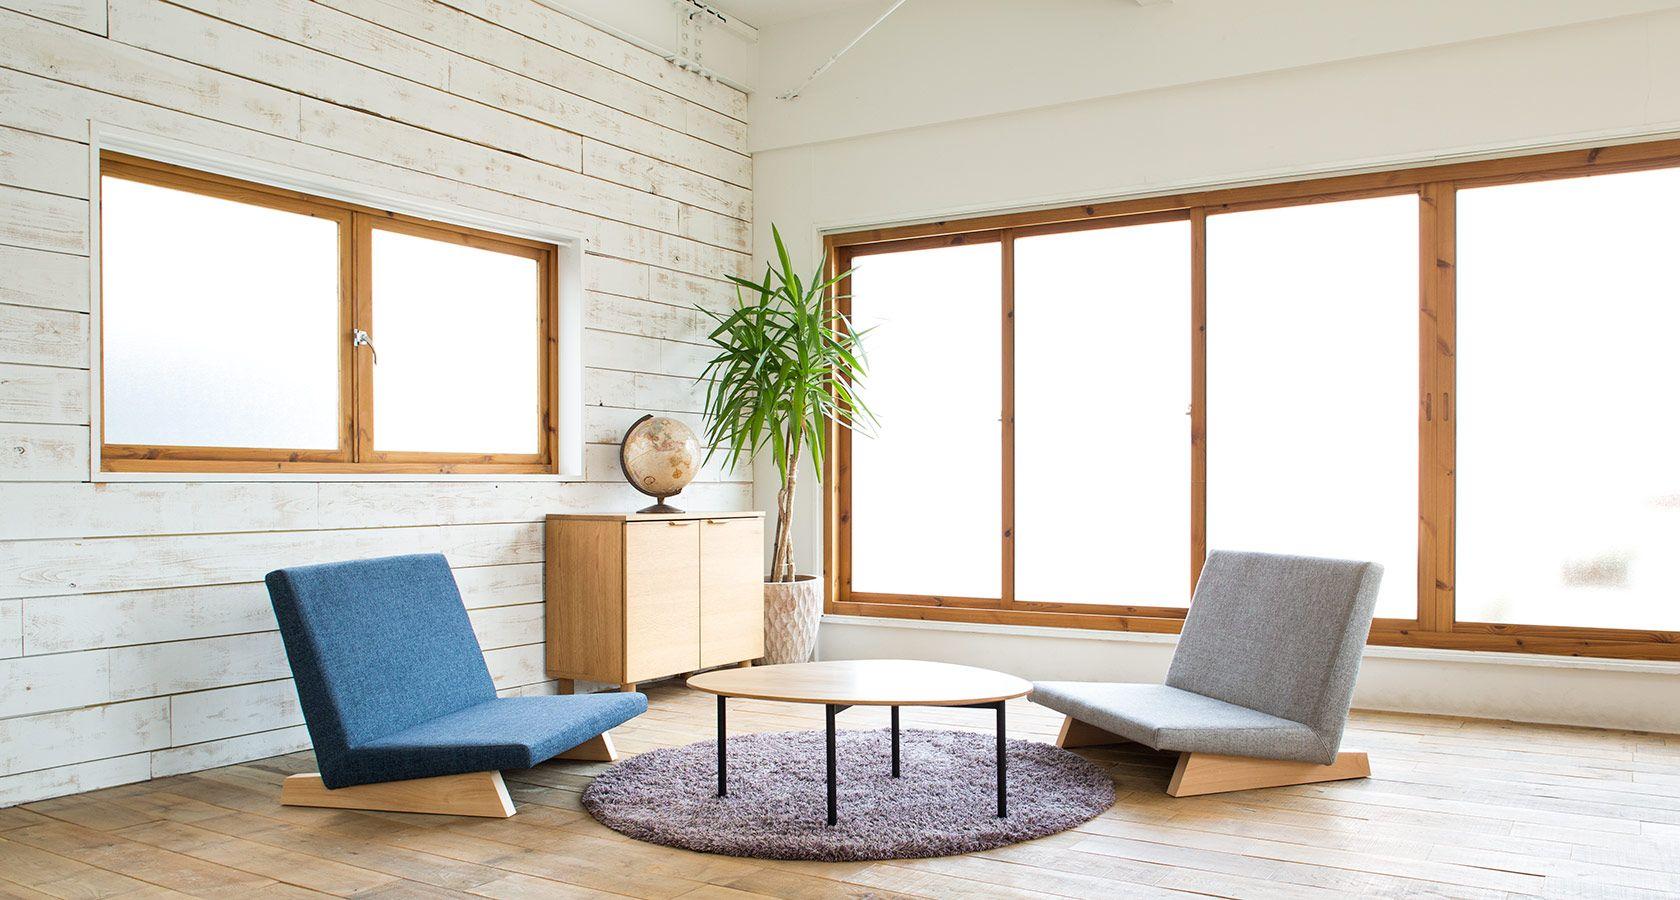 ロータイプソファのシンプルデザインソファ - PENTA 900 Chair ペンタ900チェア   ソファ専門店FLANNEL SOFA